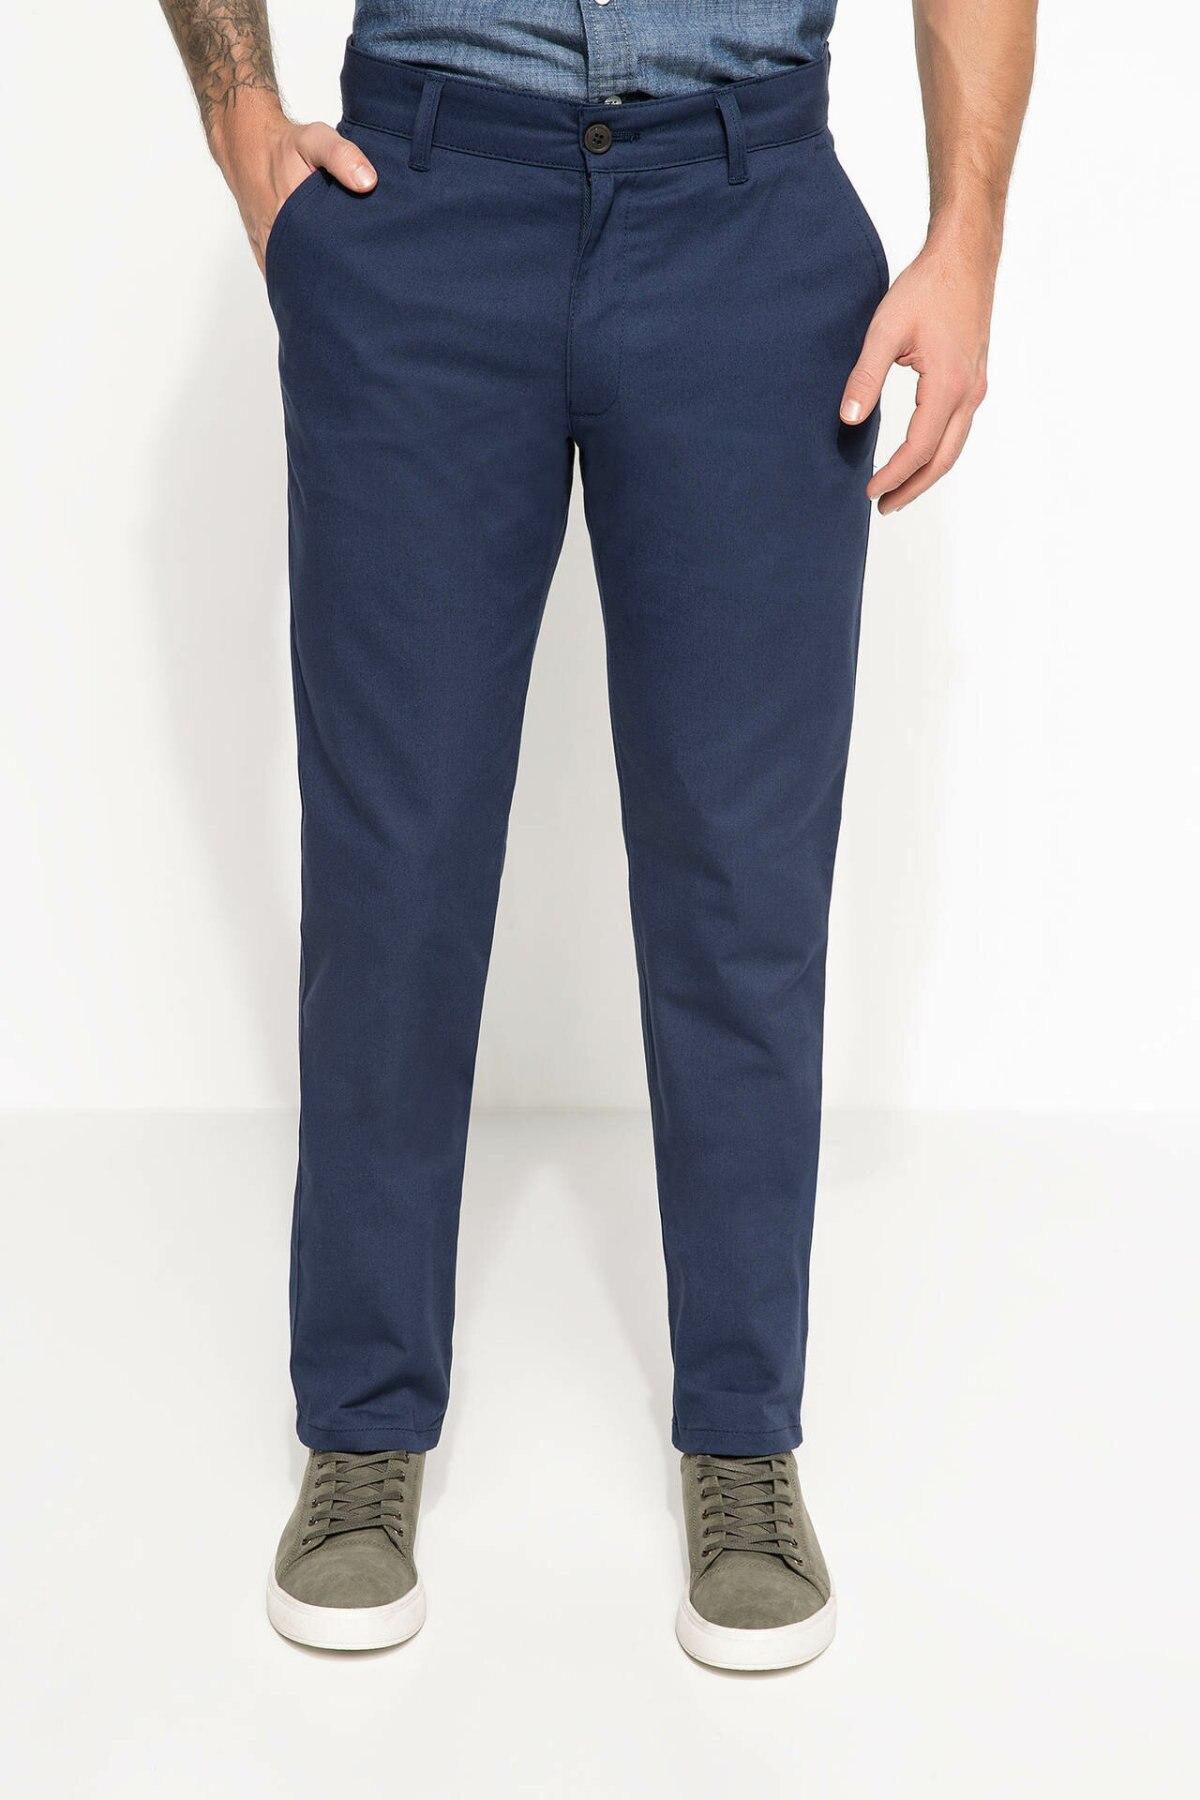 DeFacto Man Spring Solid Color Long Pants Men Casual Mid-waist Cargo Pant Male Fit Bottoms Trousers-H1682AZ18SP